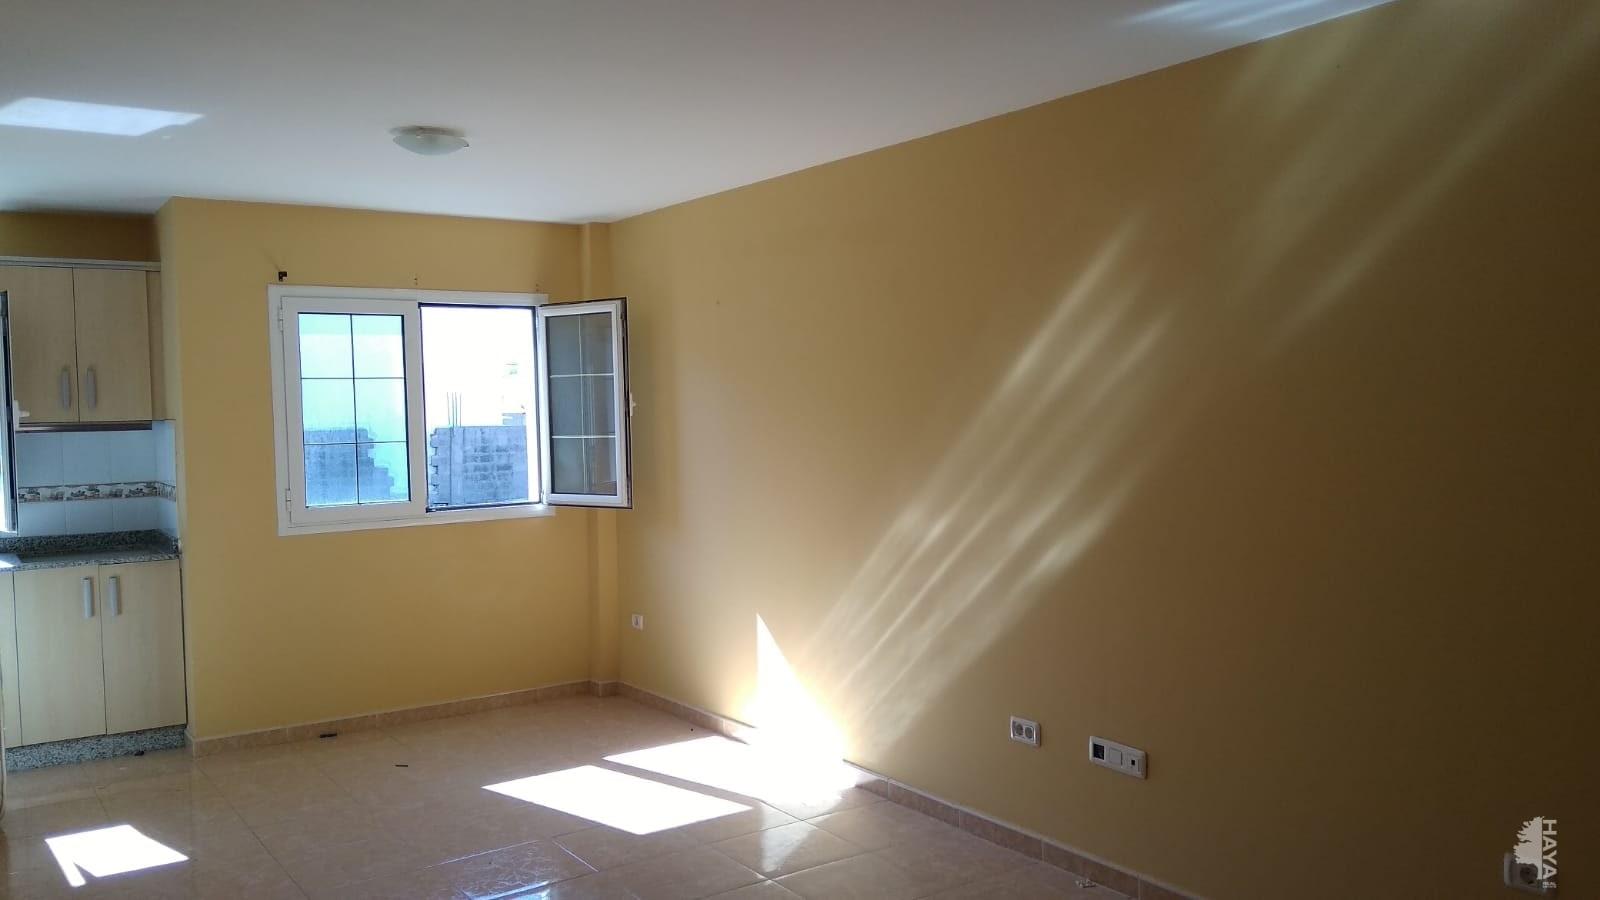 Piso en venta en Agüimes, Las Palmas, Calle Bentagocha, 96.000 €, 2 habitaciones, 1 baño, 74 m2